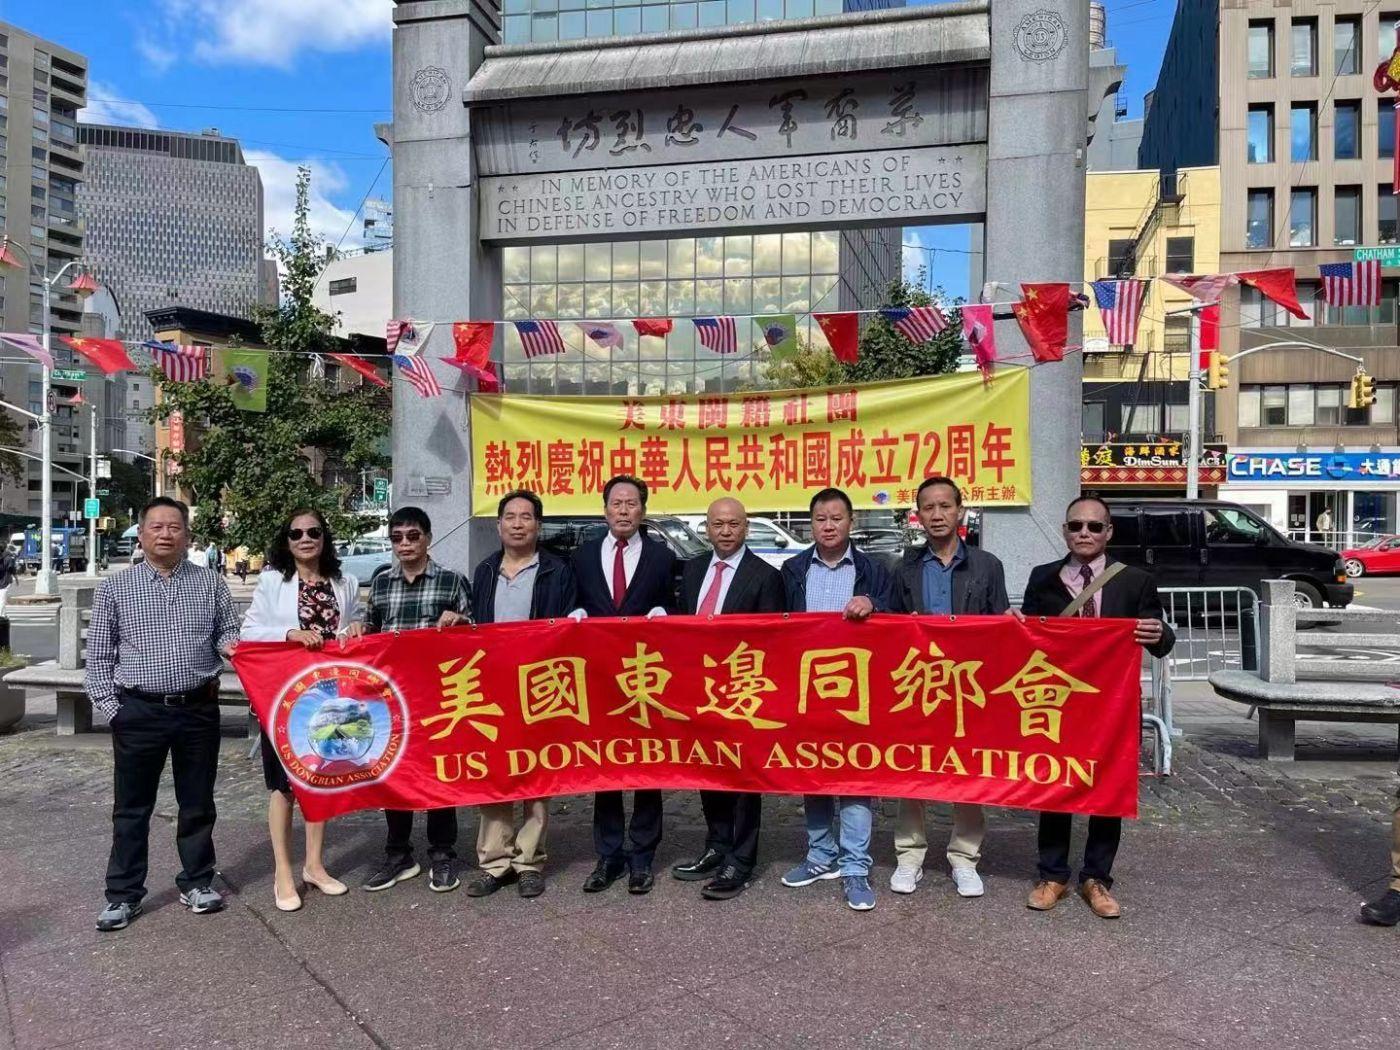 美东闽籍社团庆祝中华人民共和国成立72周年活动拉开帷幕_图1-5